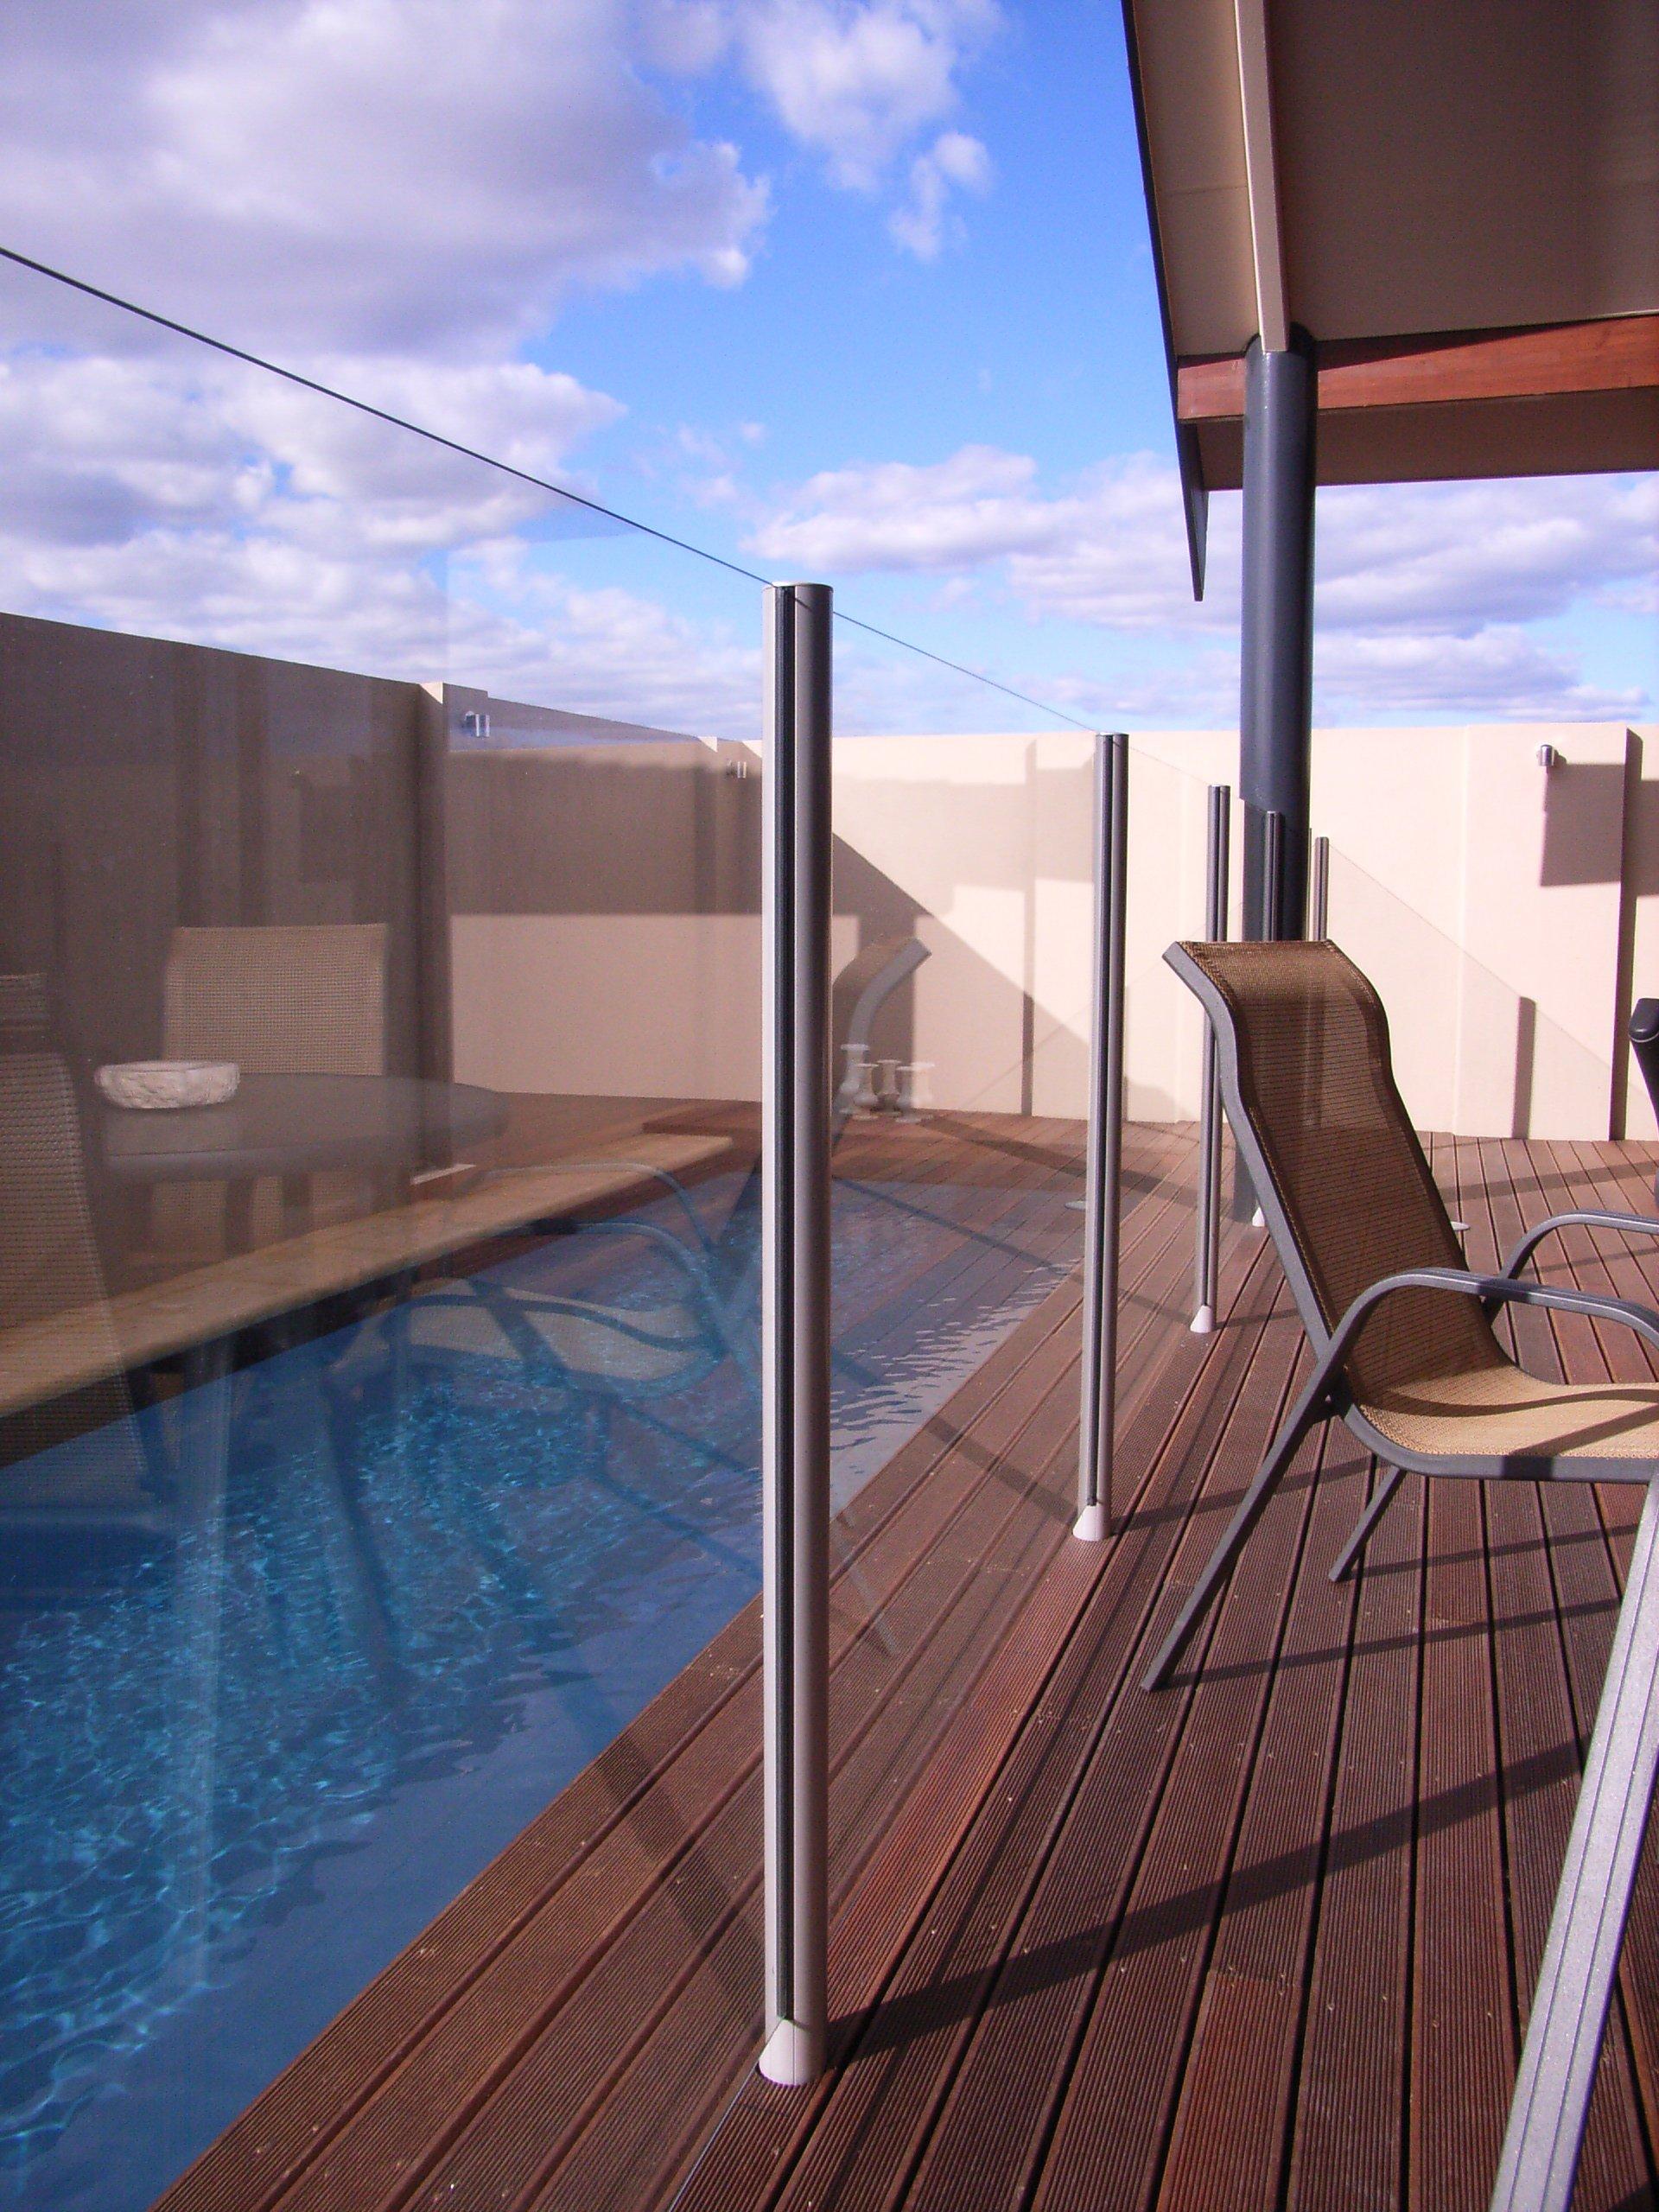 Alfresco Pool Fencing - Glass or MODULAR